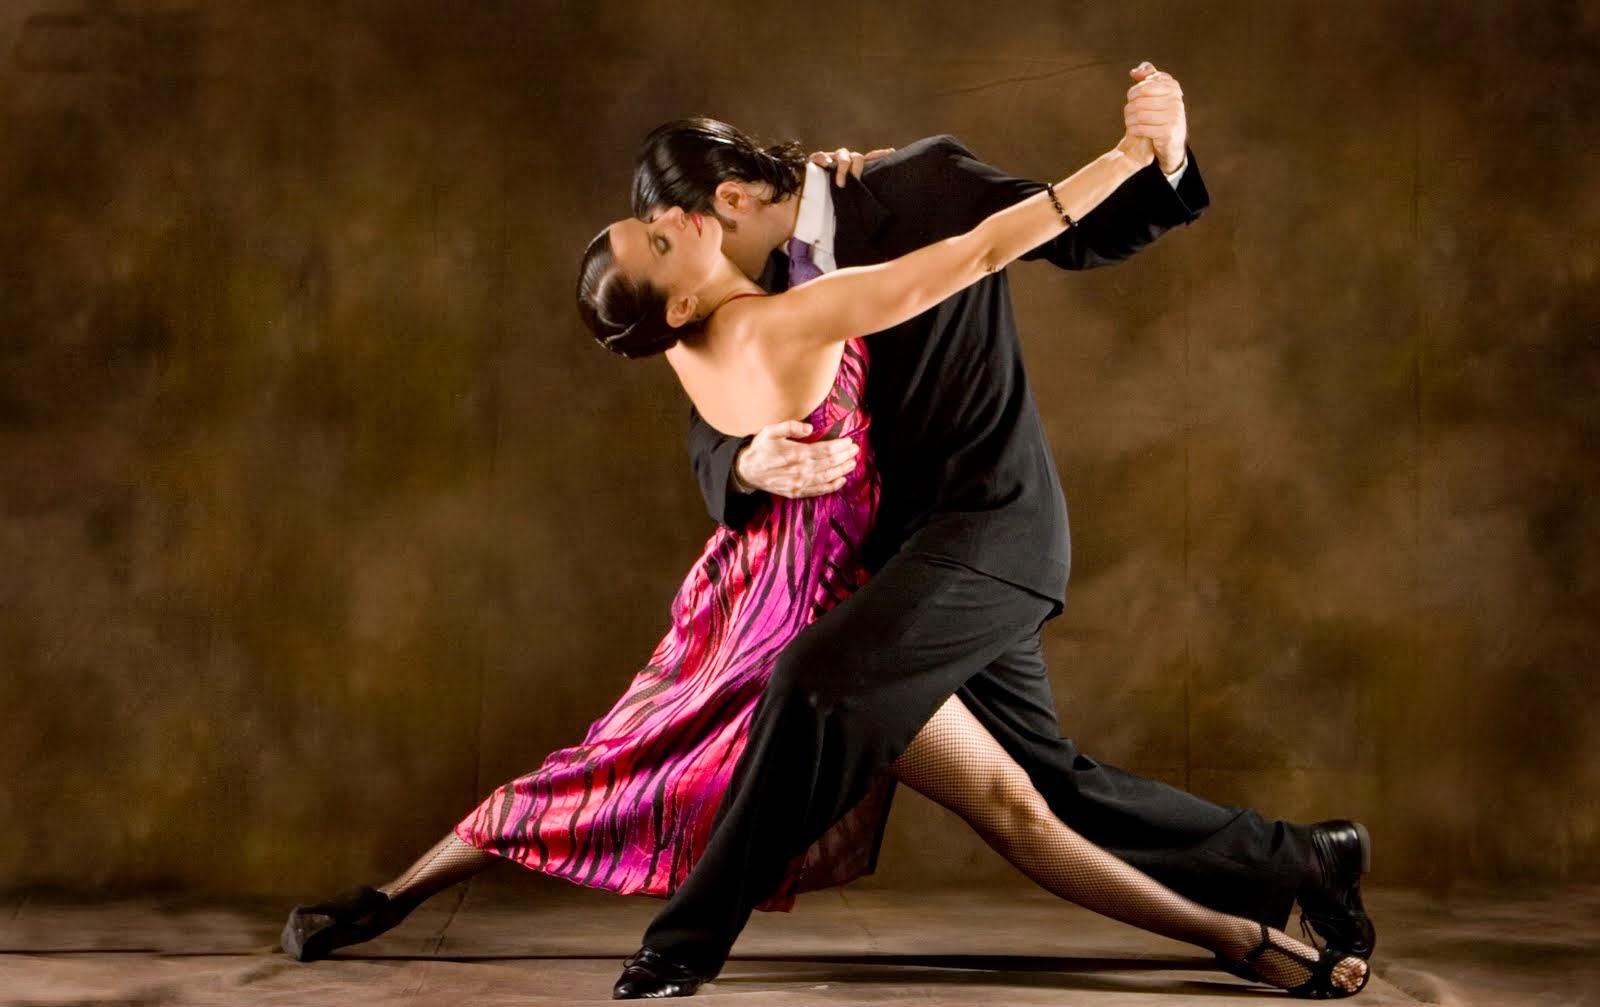 ¿Por qué el tango y no otra danza?